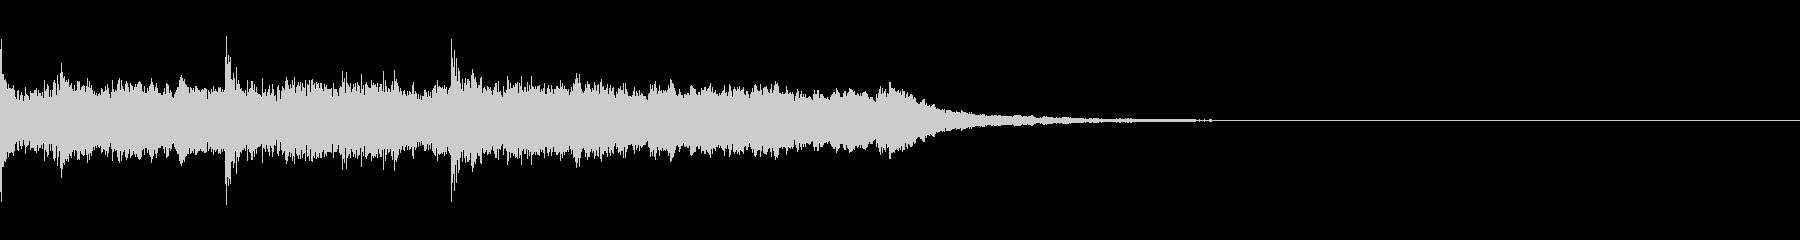 ゲームクリアジングル(和風系)の未再生の波形